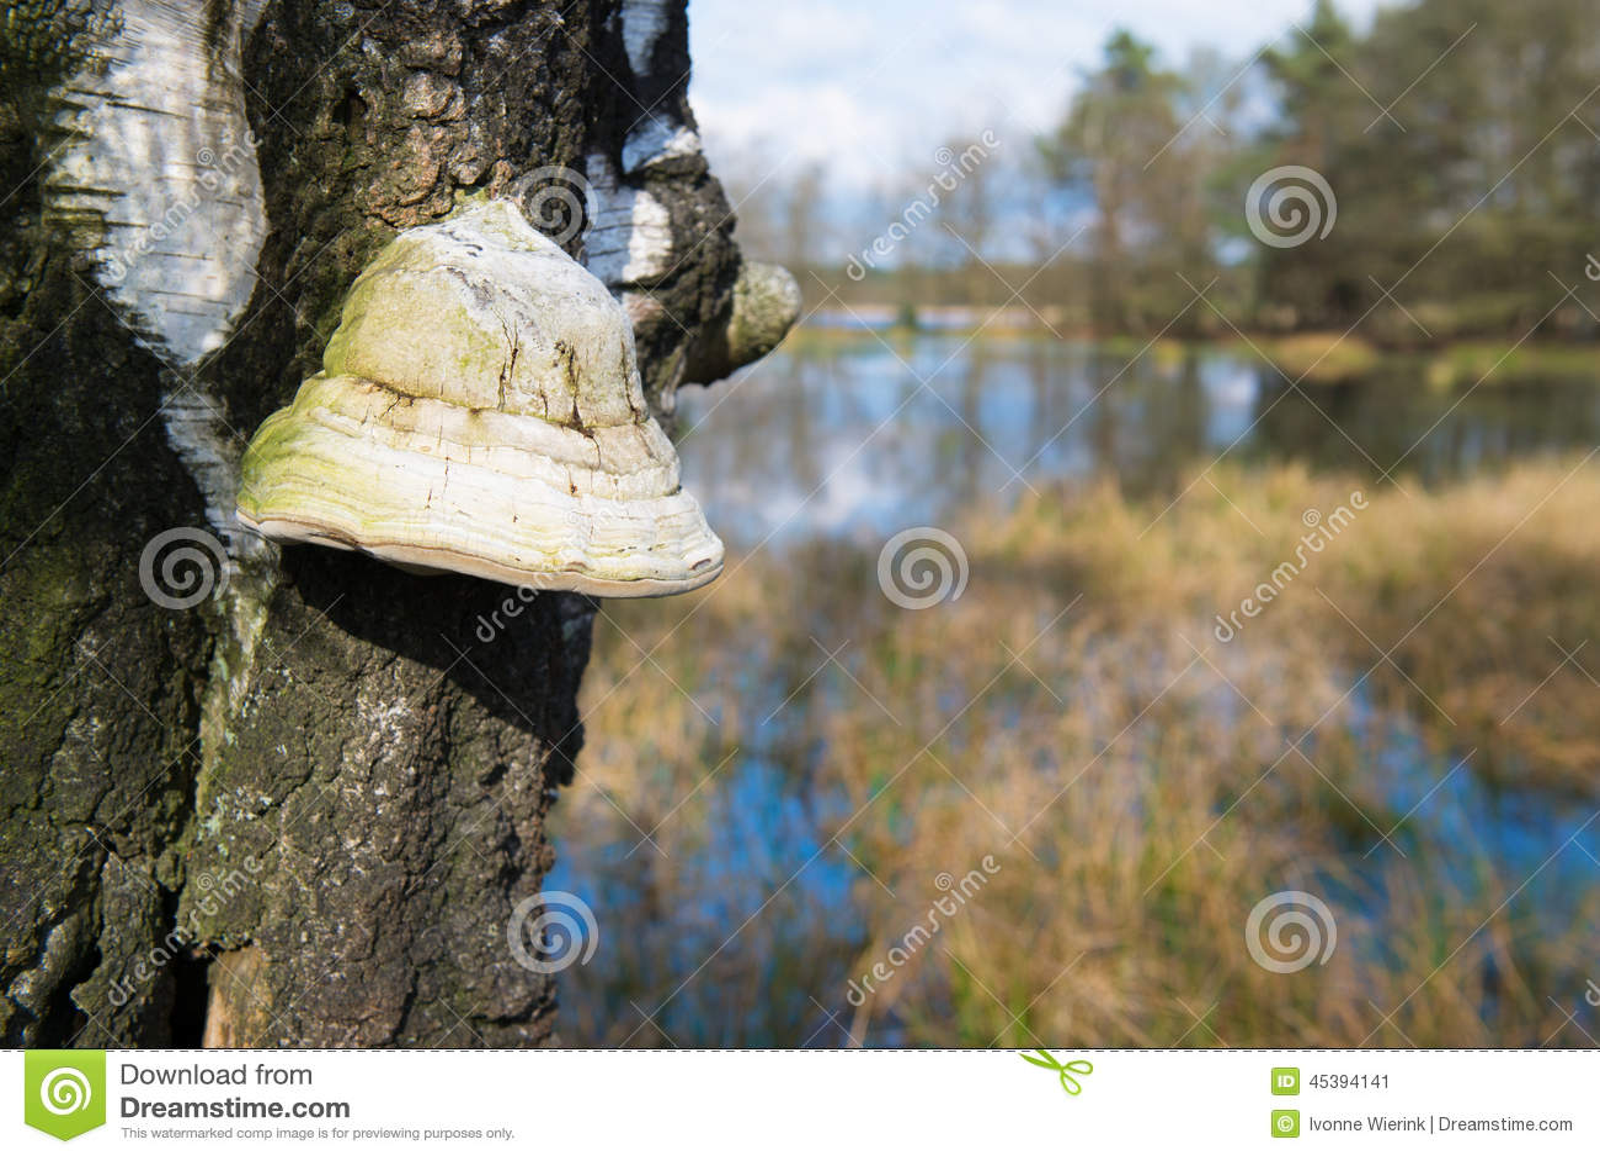 Champignon de mati re inflammable sur l 39 arbre photo stock image 45394141 - Champignon sur tronc d arbre ...